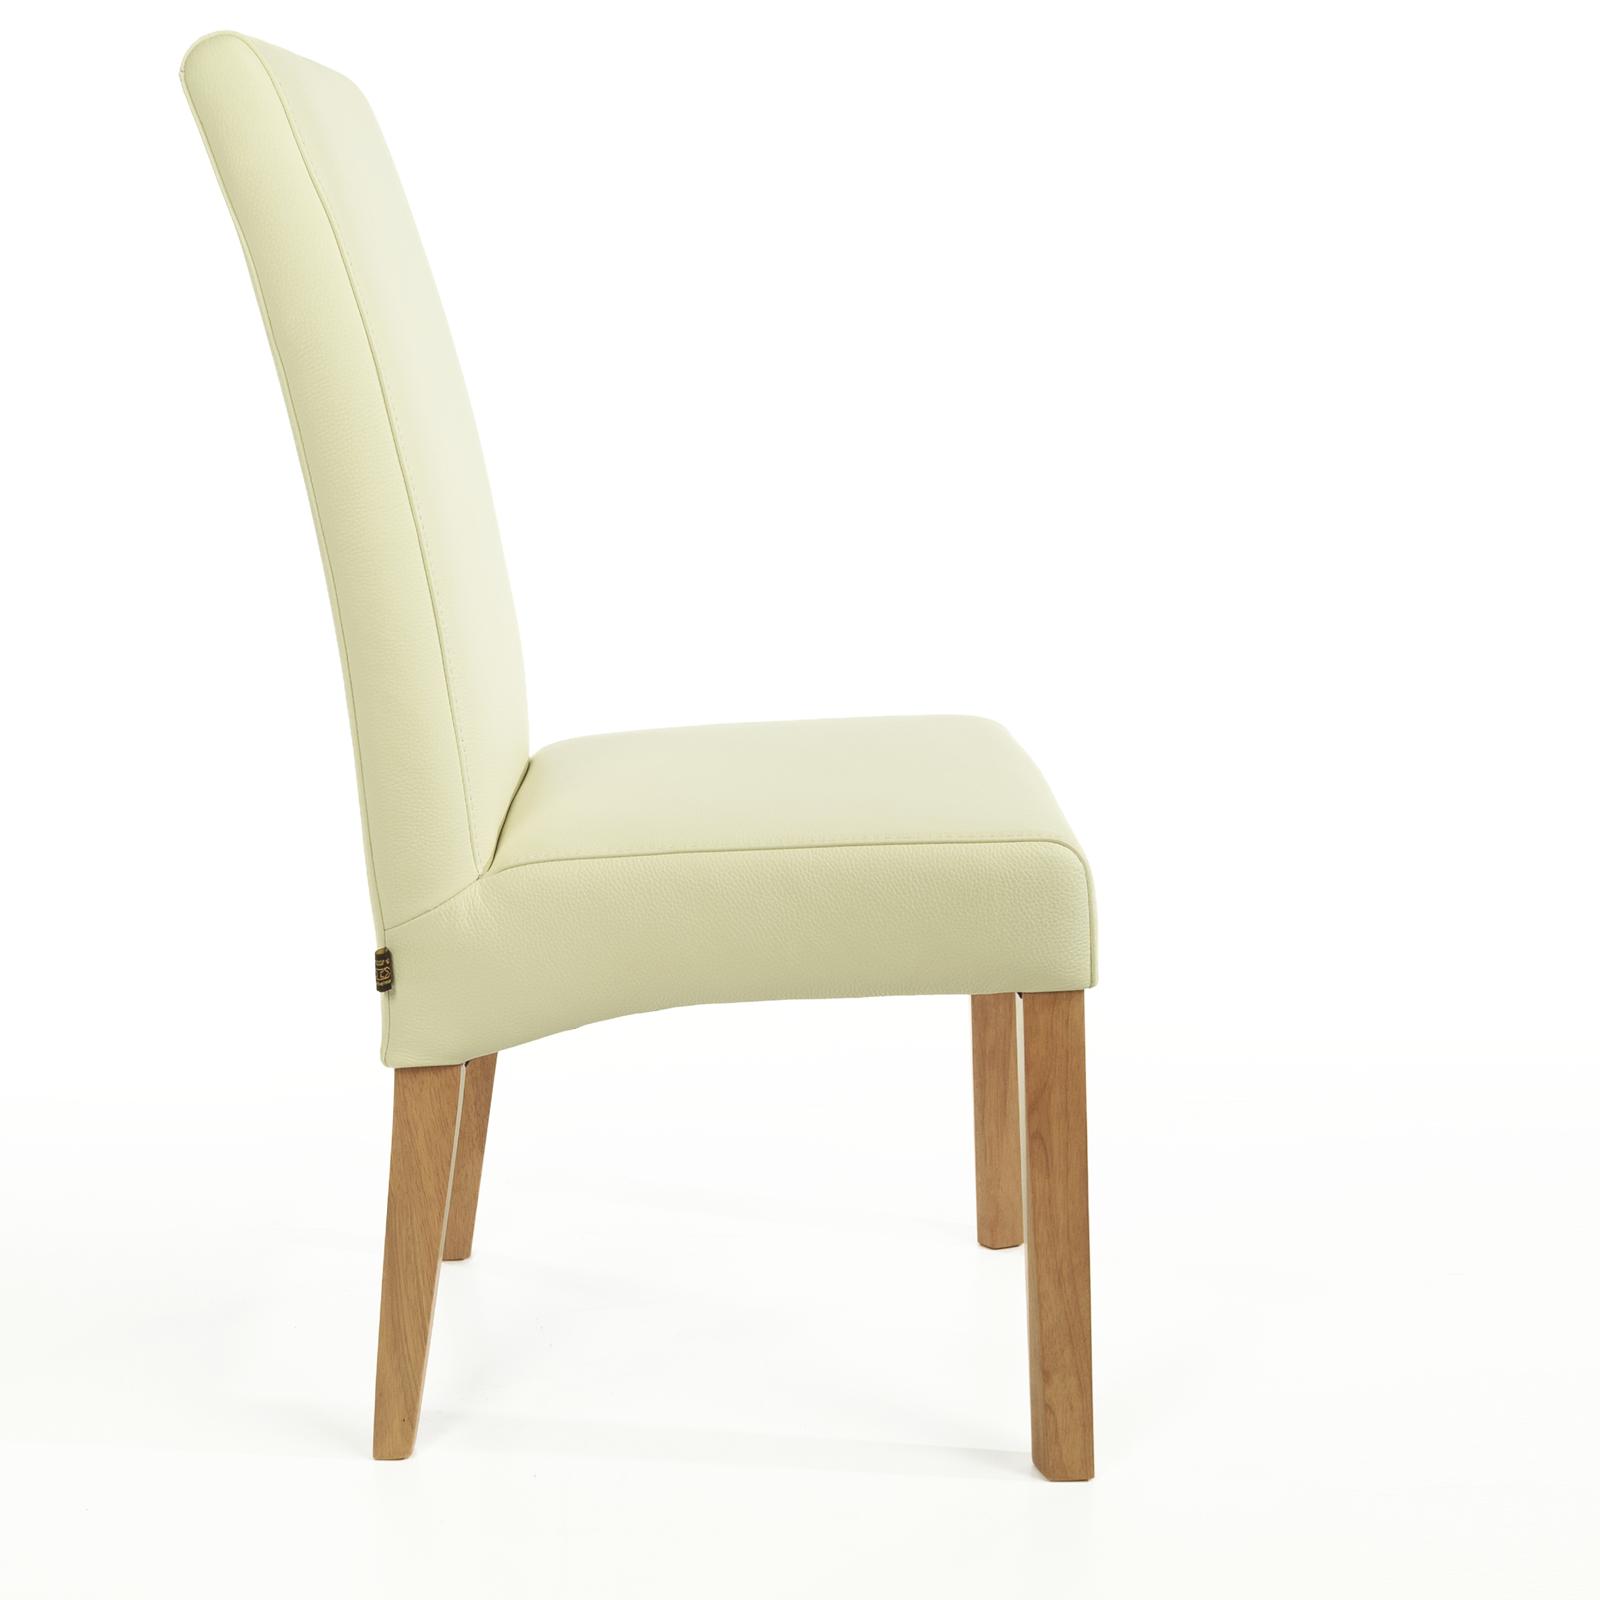 lederstuhl bambi creme wei eiche. Black Bedroom Furniture Sets. Home Design Ideas